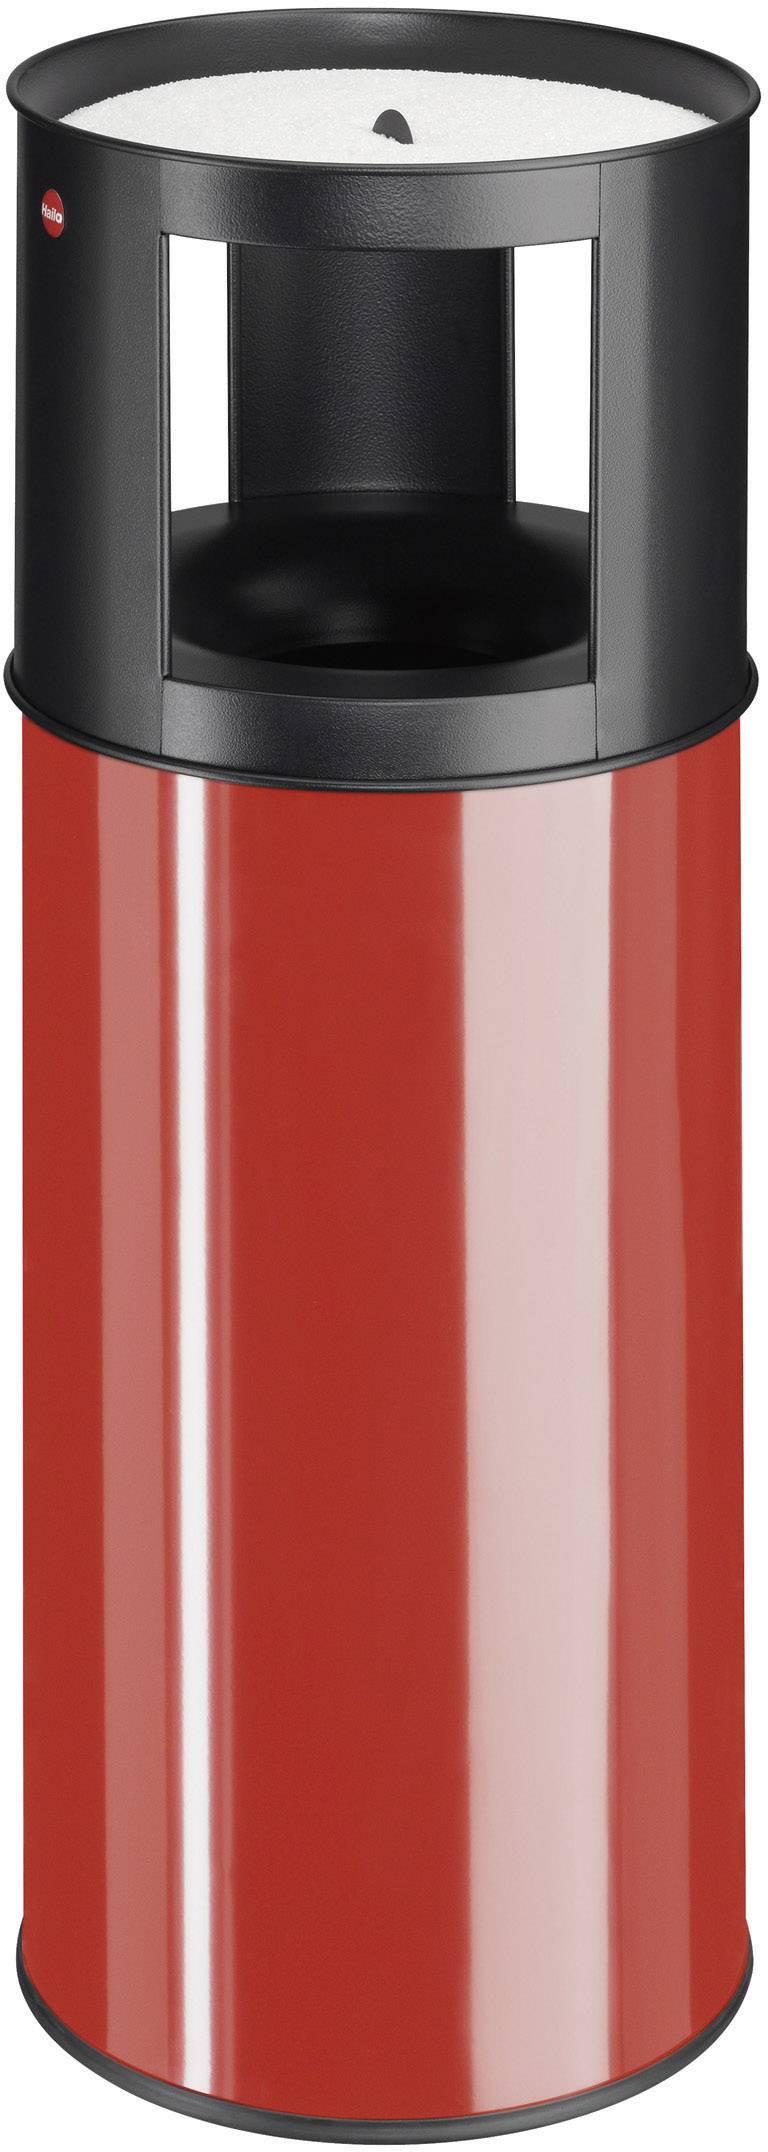 N/A s popelníkem Hailo ProfiLine care XL, 800 mm, Vnější Ø 330 mm, 40 l, červená